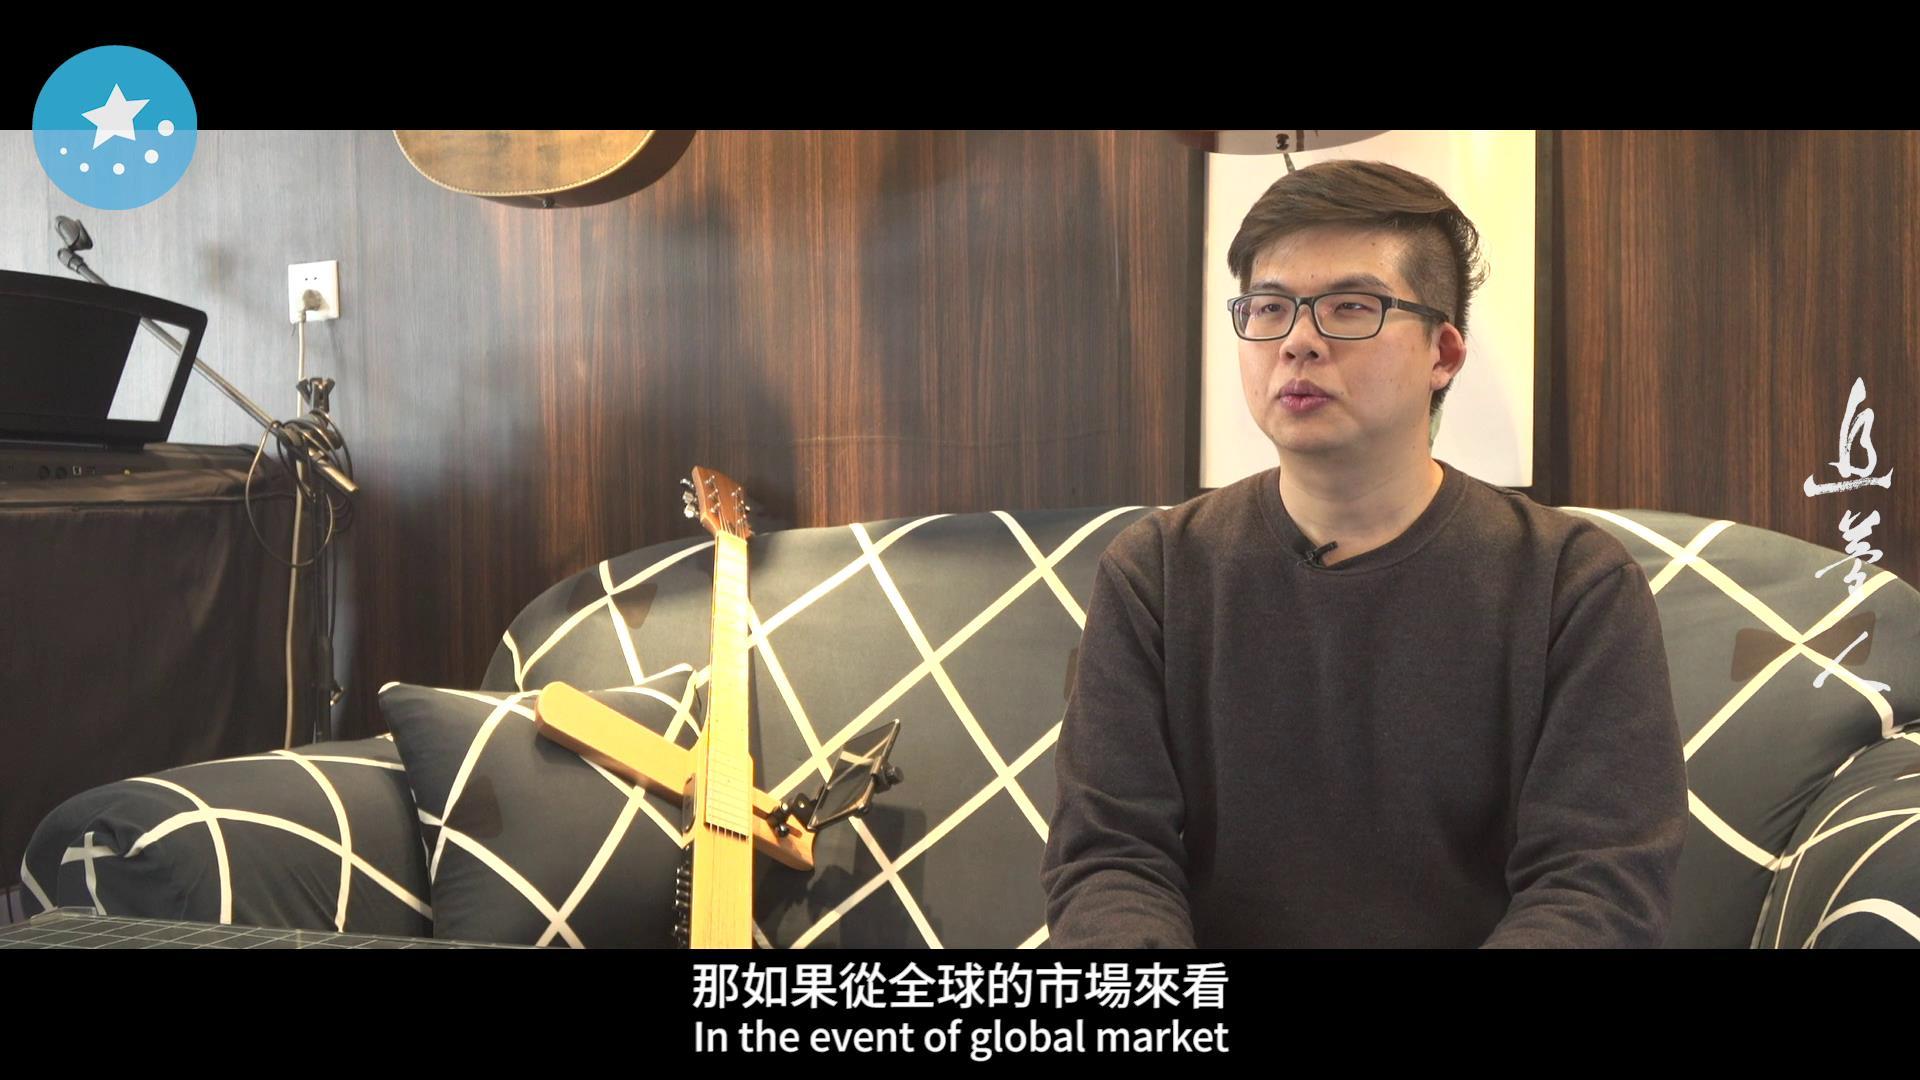 臺青失戀發明不擾民吉他,四川德陽再創業:大陸的電商很發達!圖片